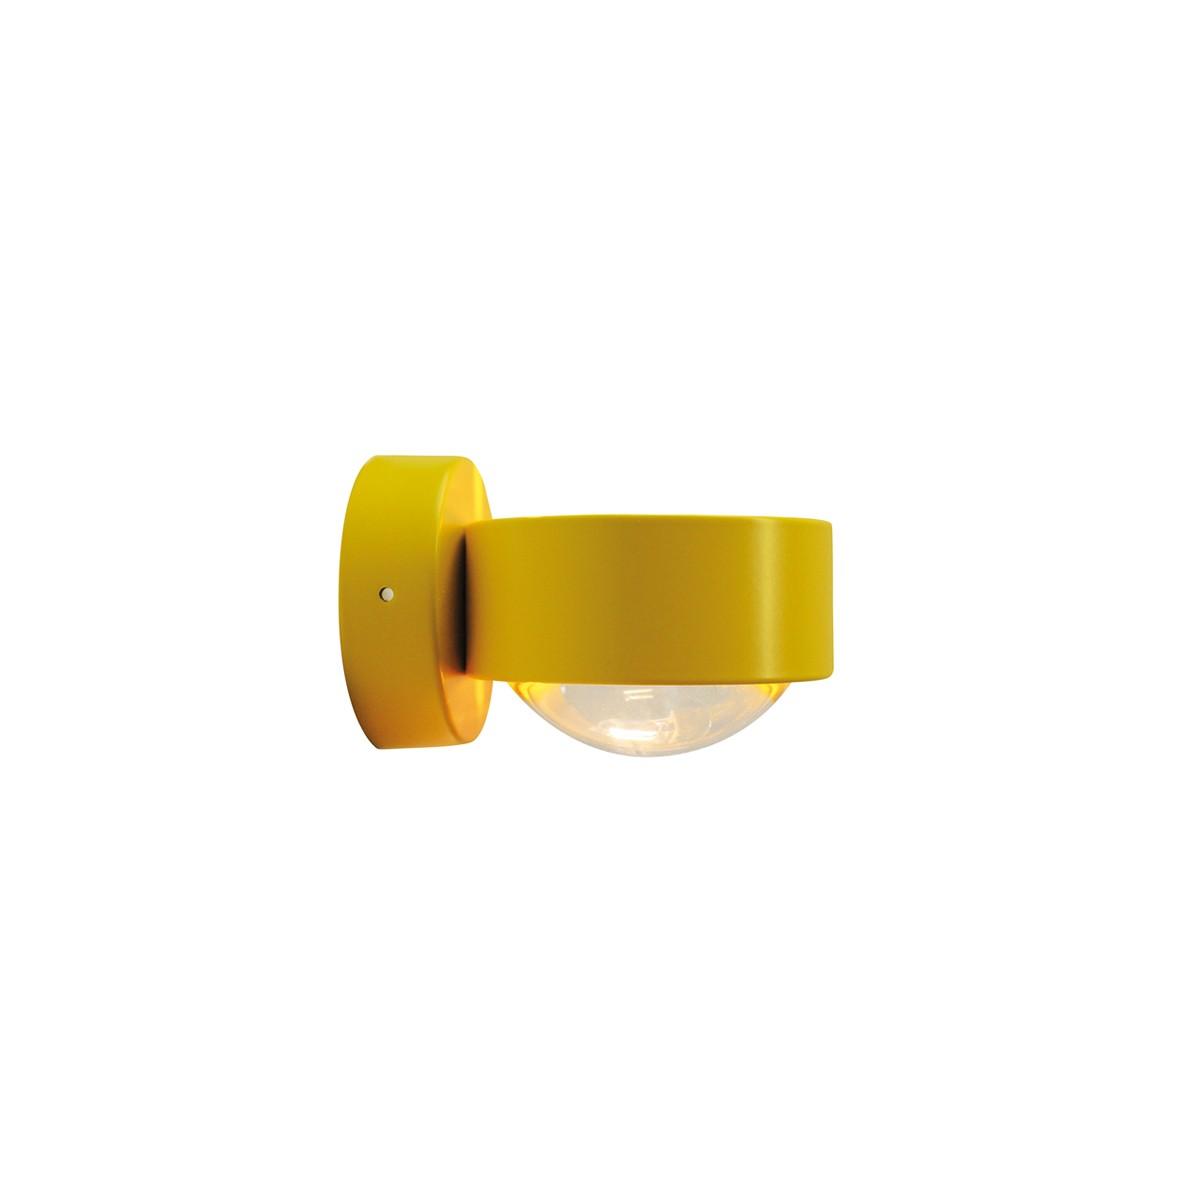 Top Light Puk Wall Wandleuchte, gelb